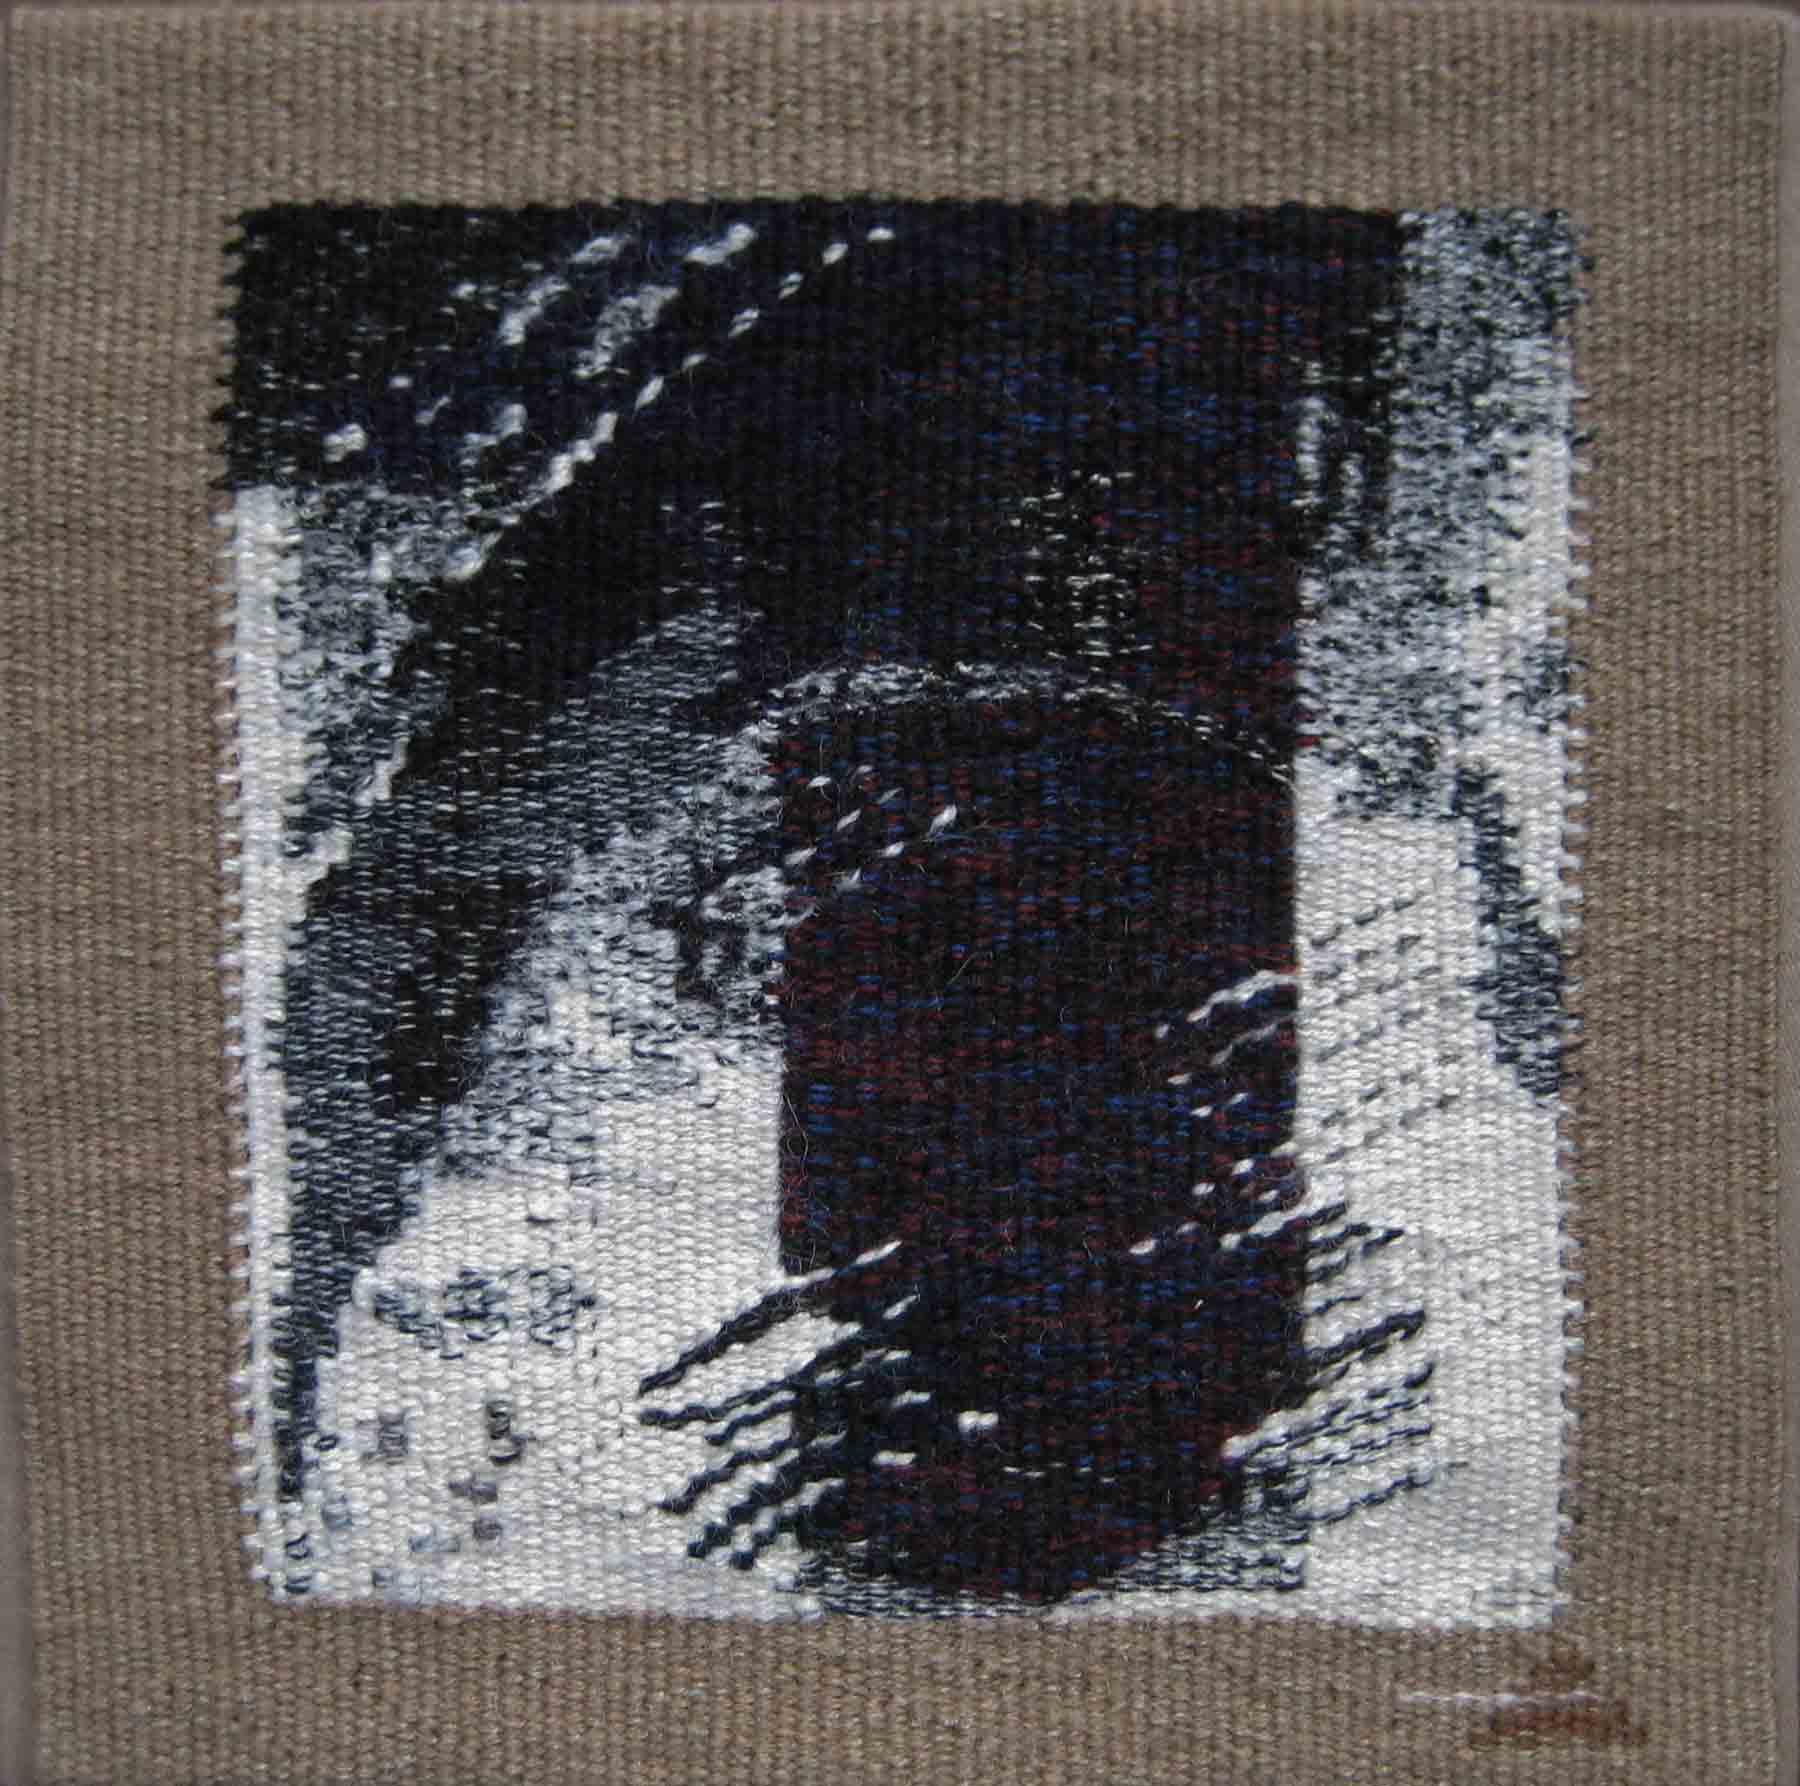 Chaotic Fragments Part 1, Janet Austin